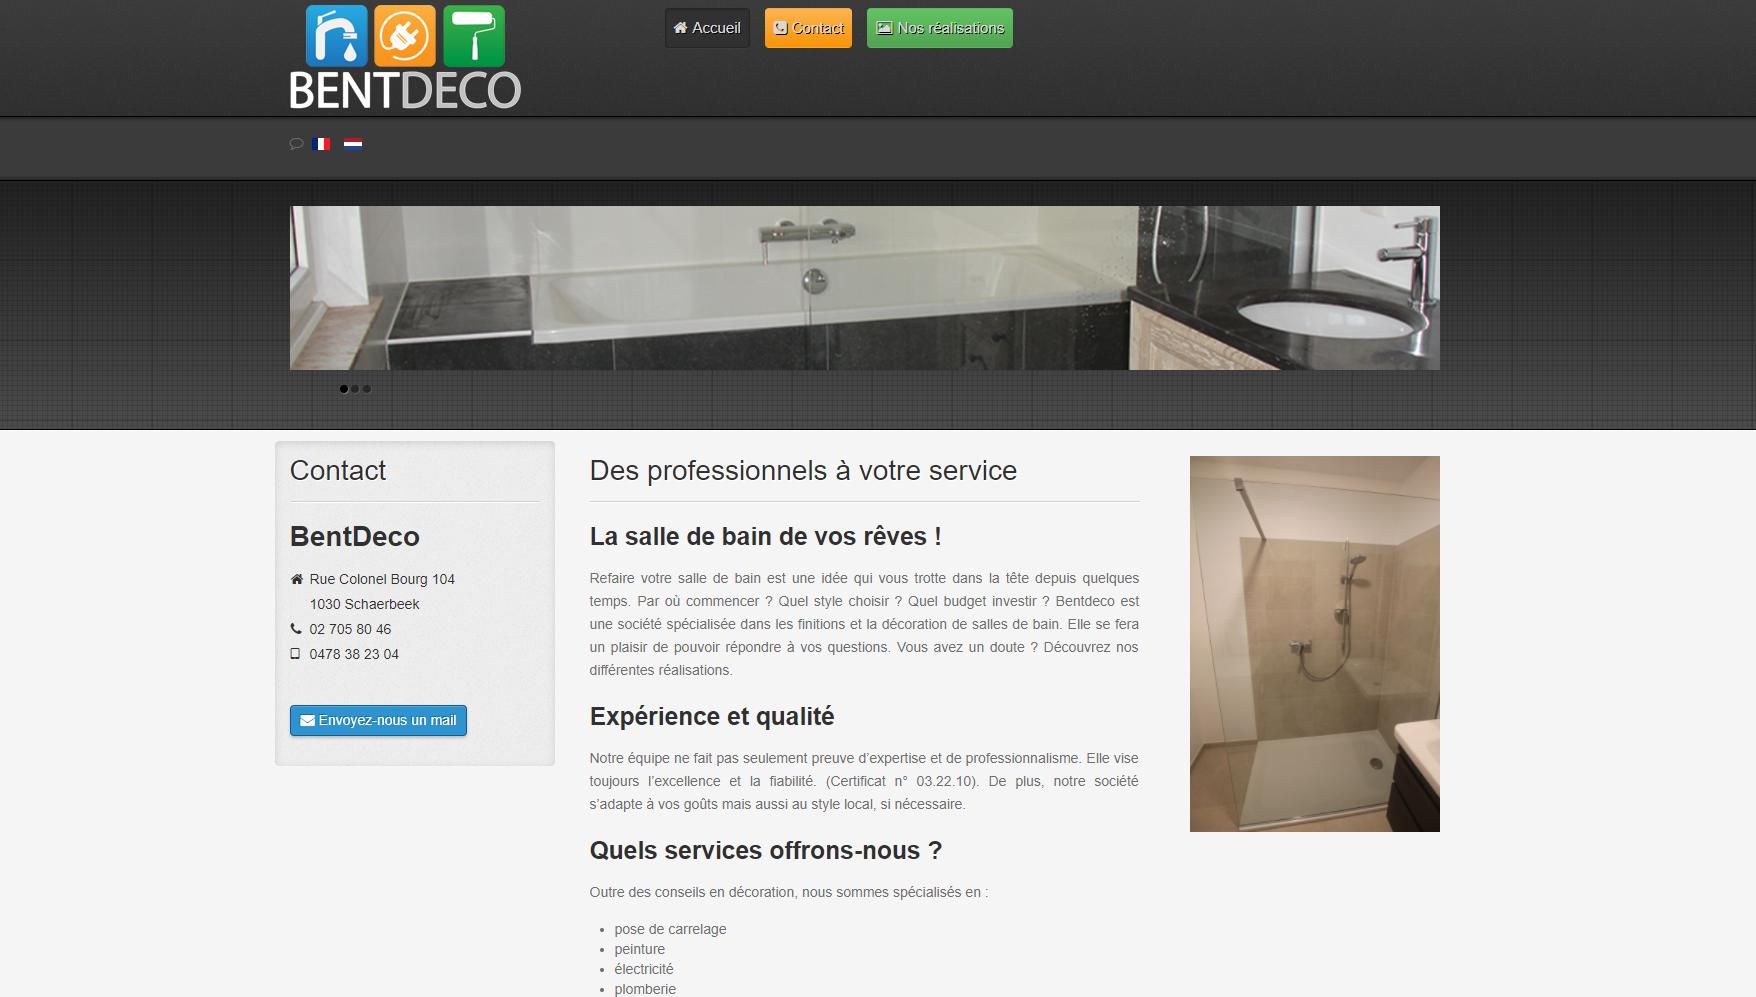 BentDeco - Web interface